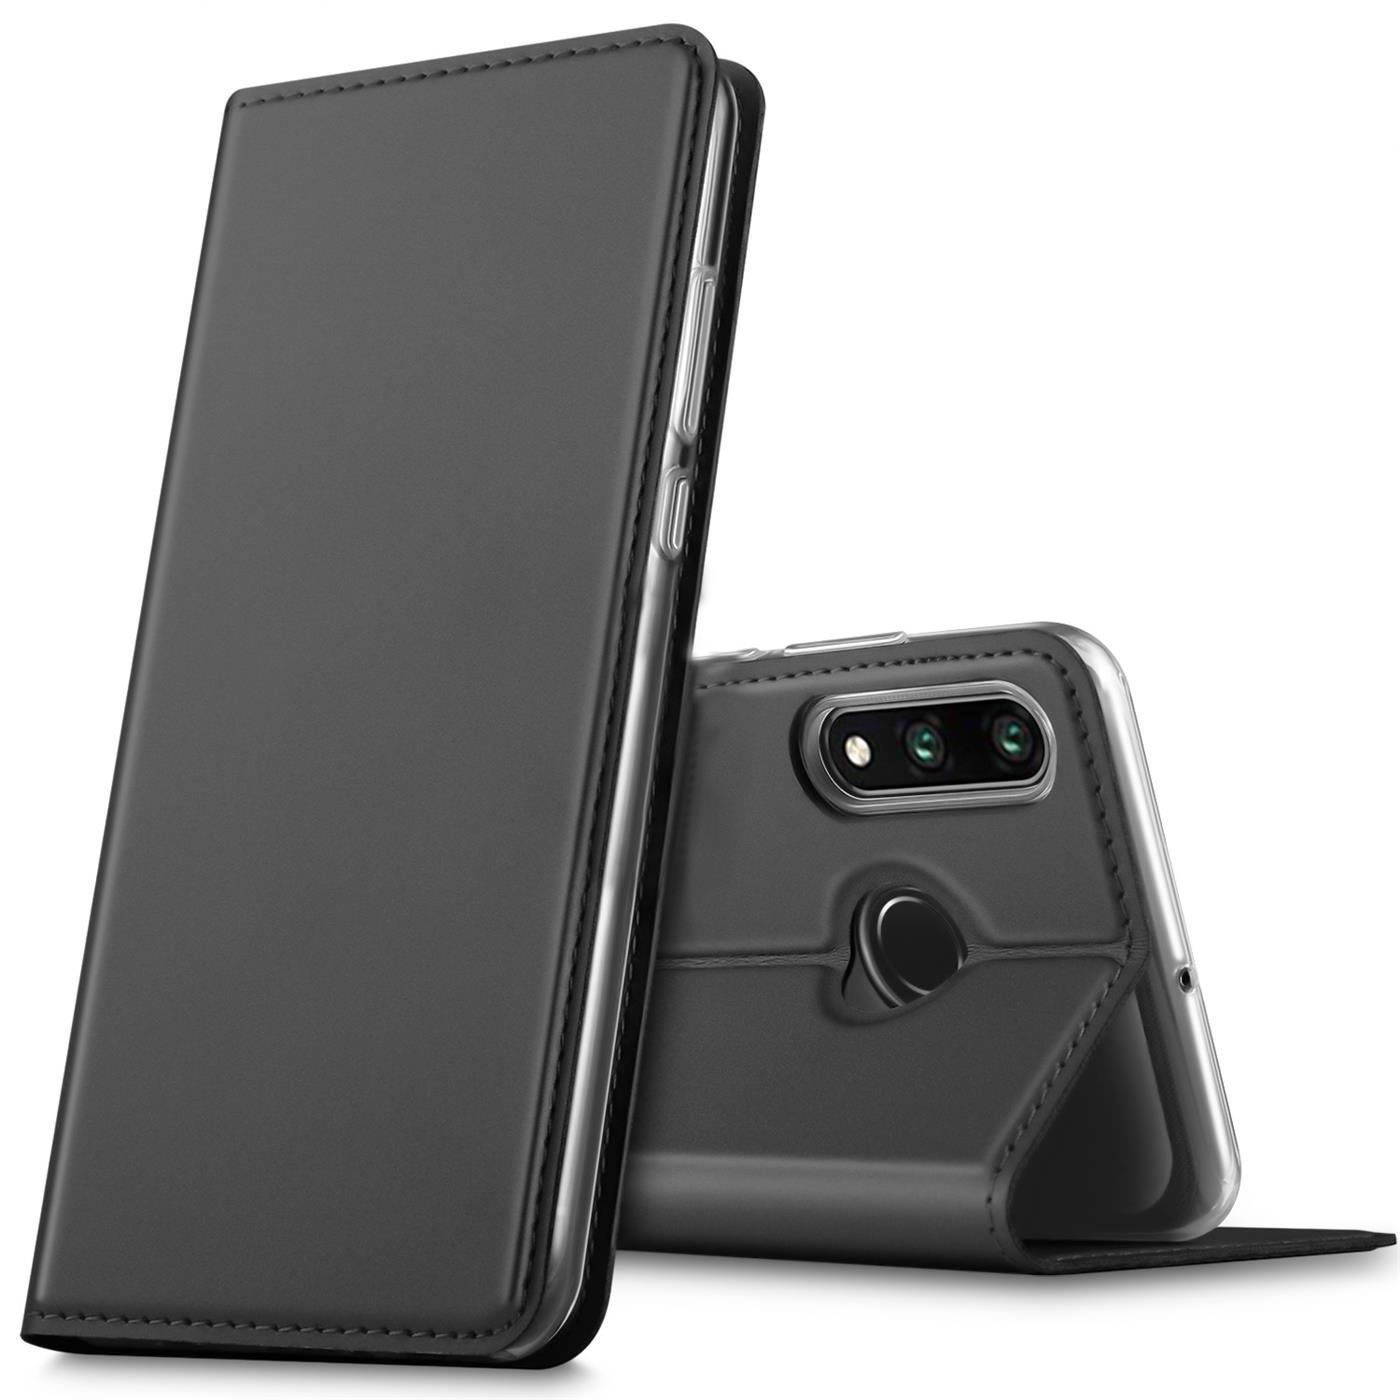 Huawei-P30-Lite-Schutz-Huelle-Handy-Tasche-Flip-Case-Book-Cover-Case-Etui-Bumper Indexbild 8